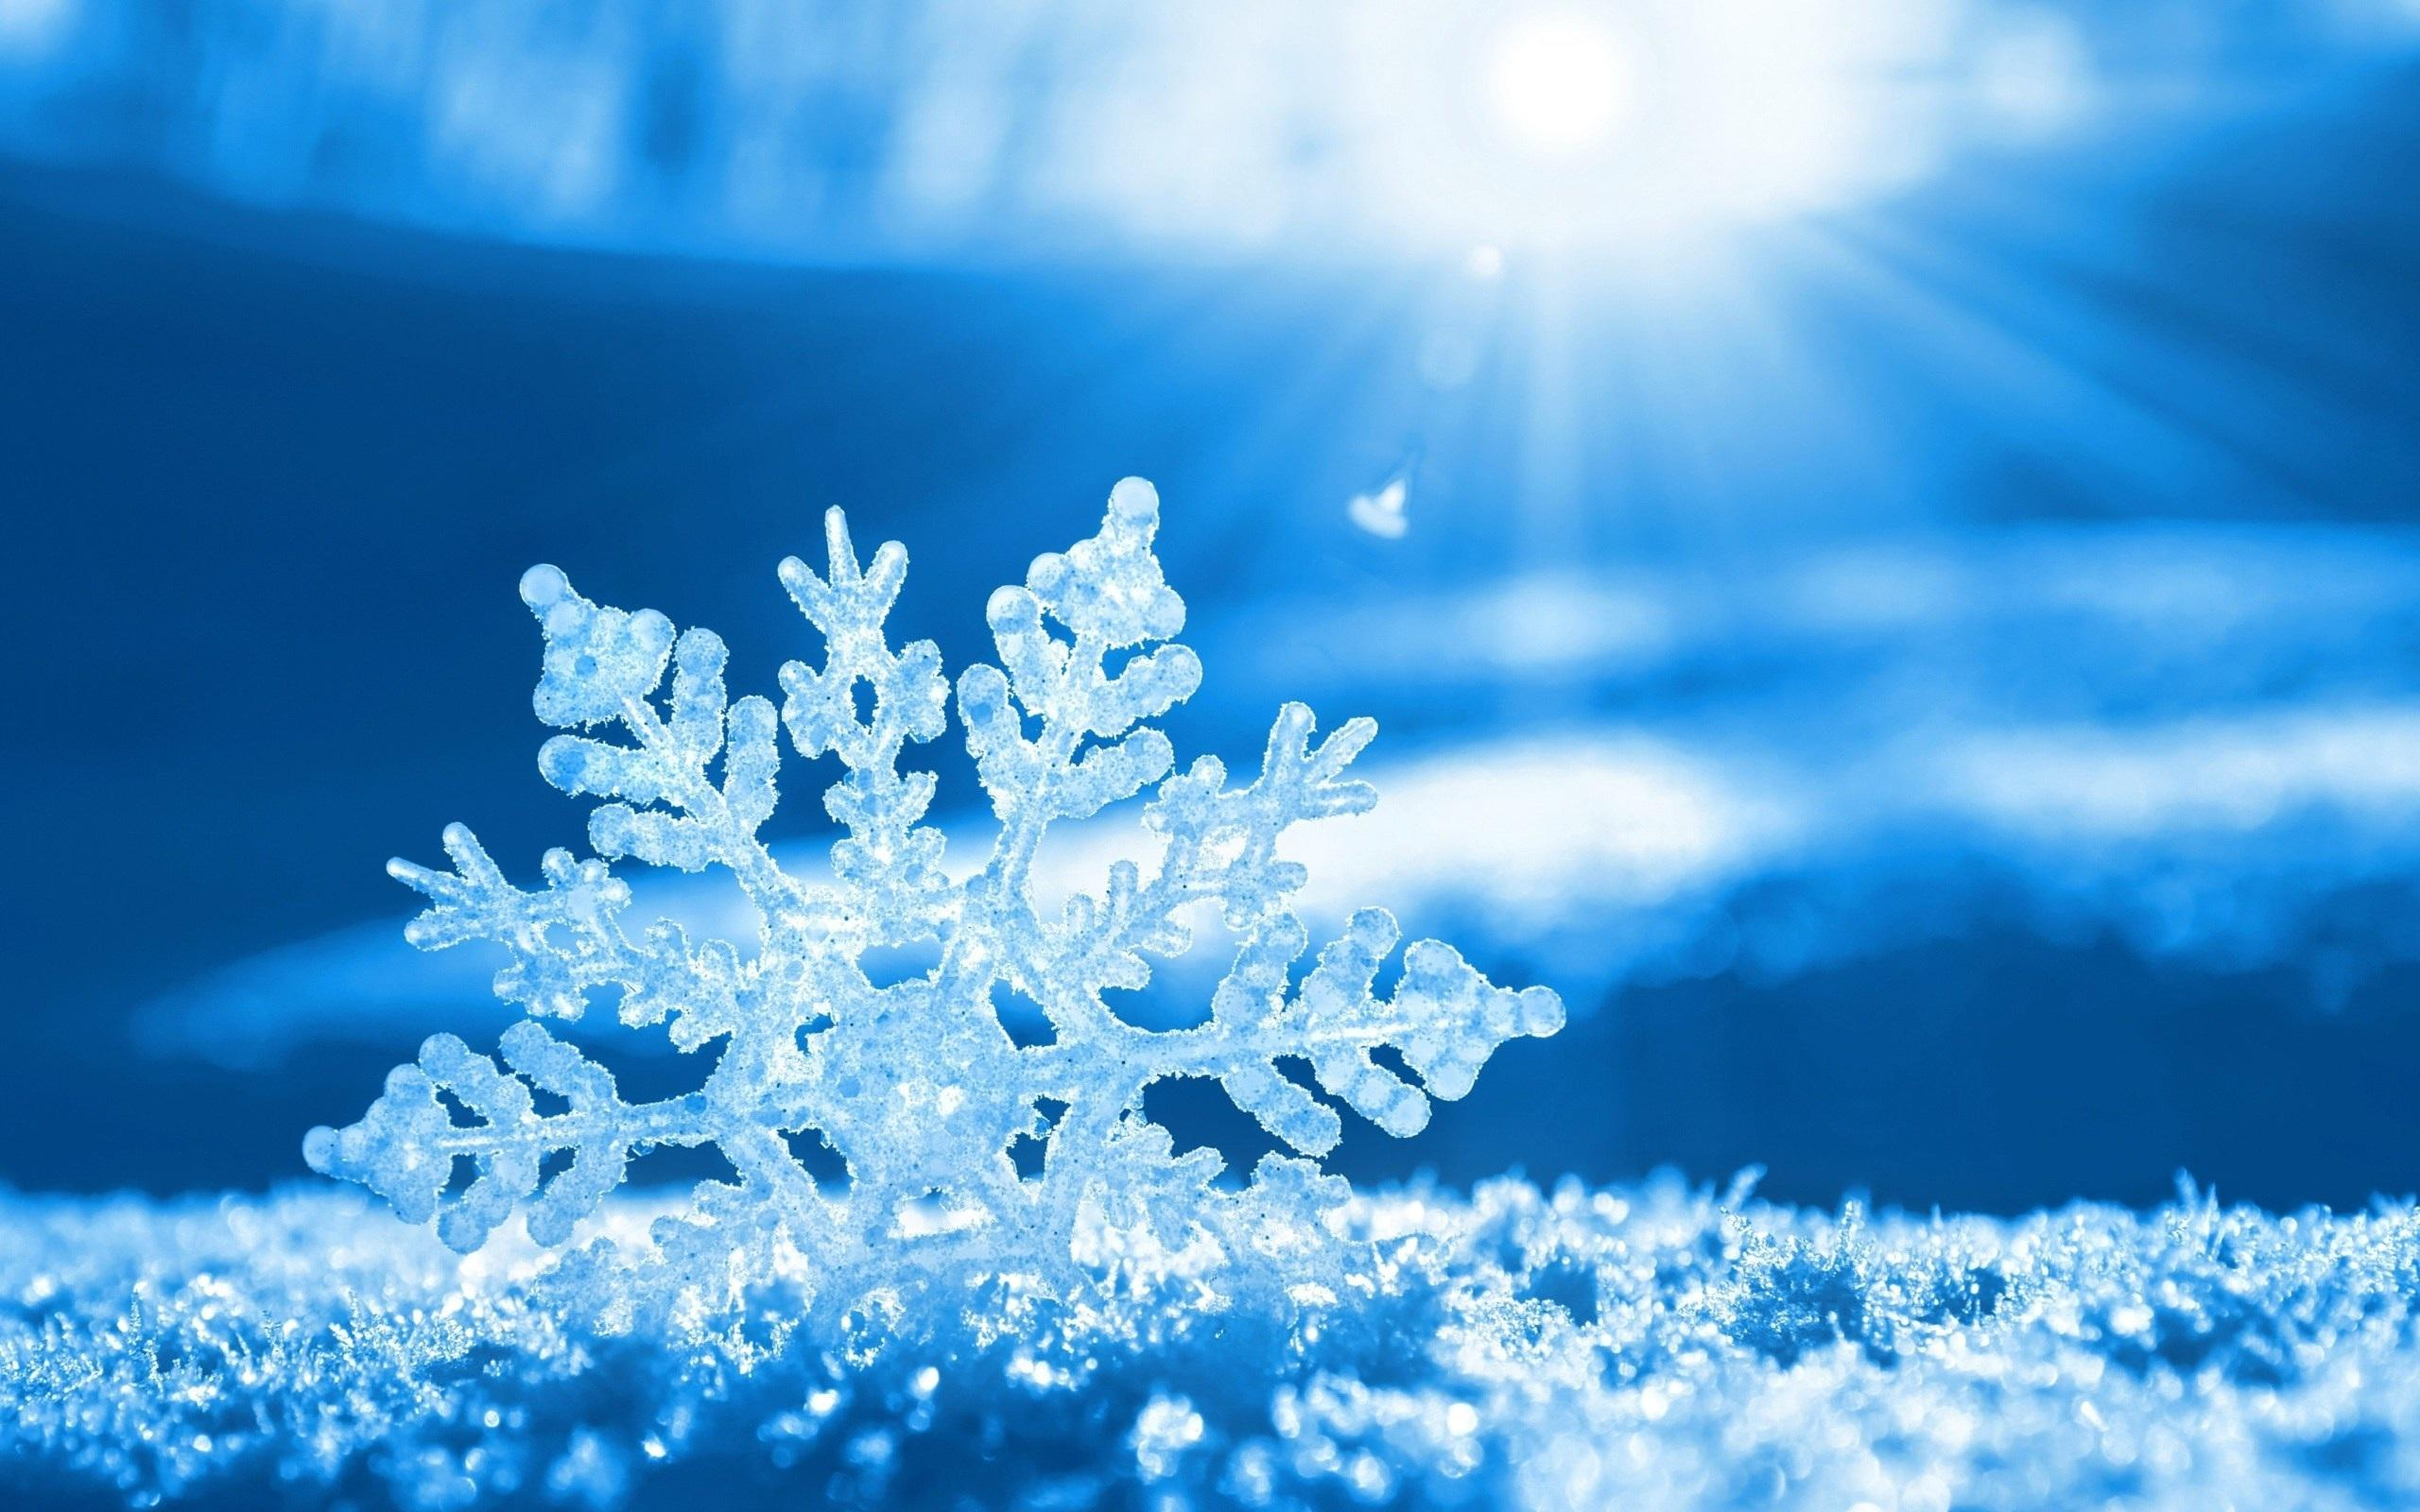 Hình nền bông tuyết màu xanh